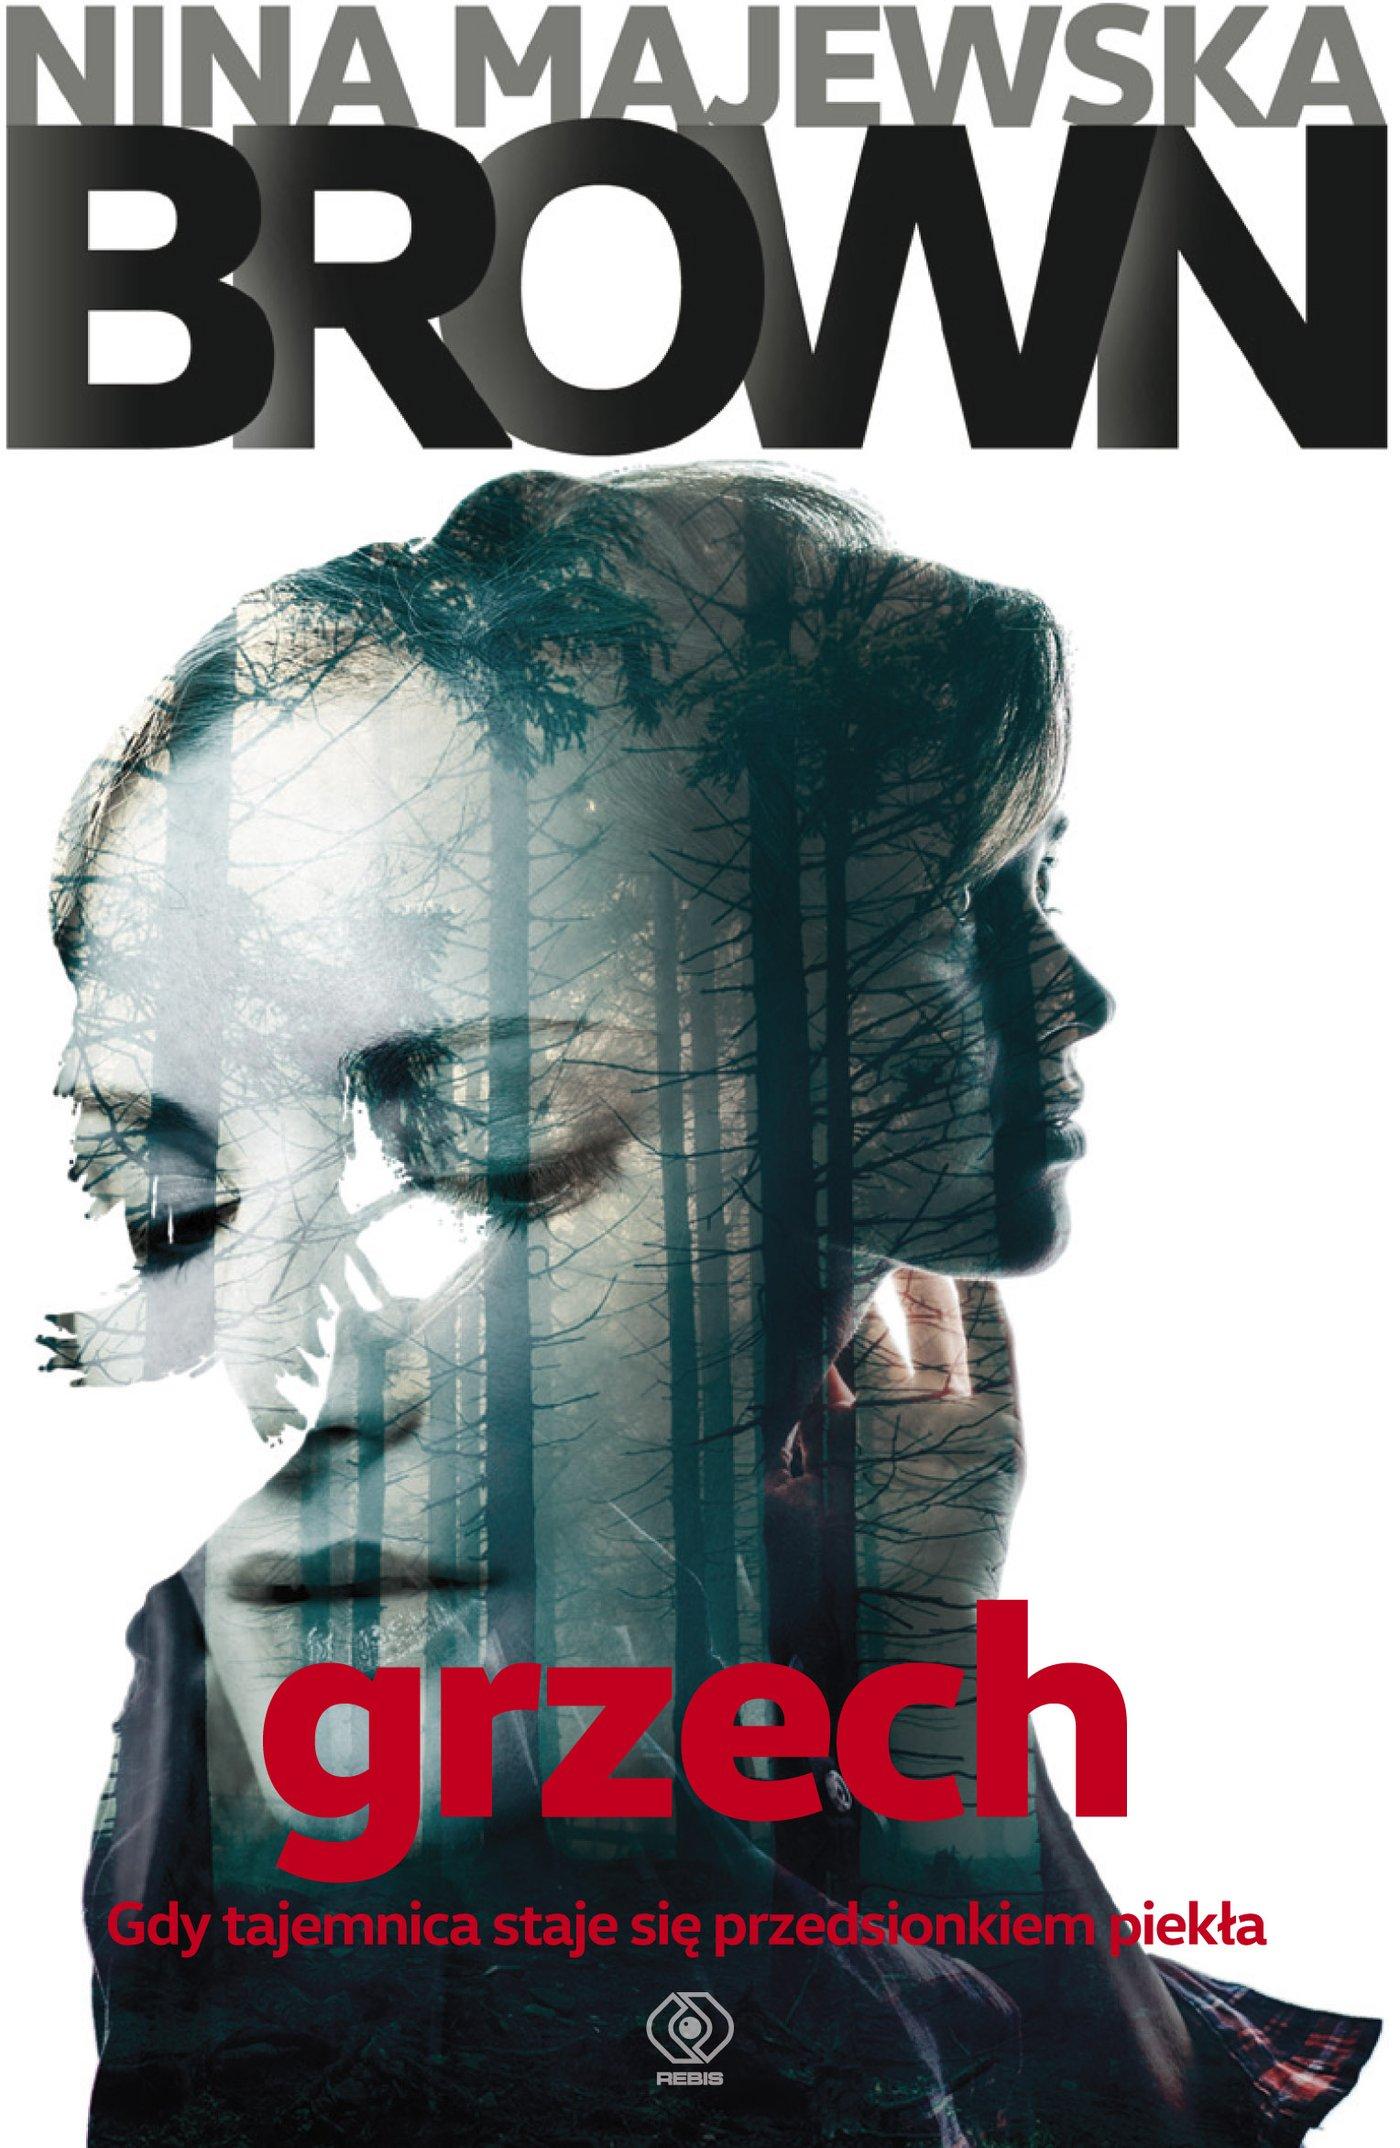 Grzech - Ebook (Książka EPUB) do pobrania w formacie EPUB